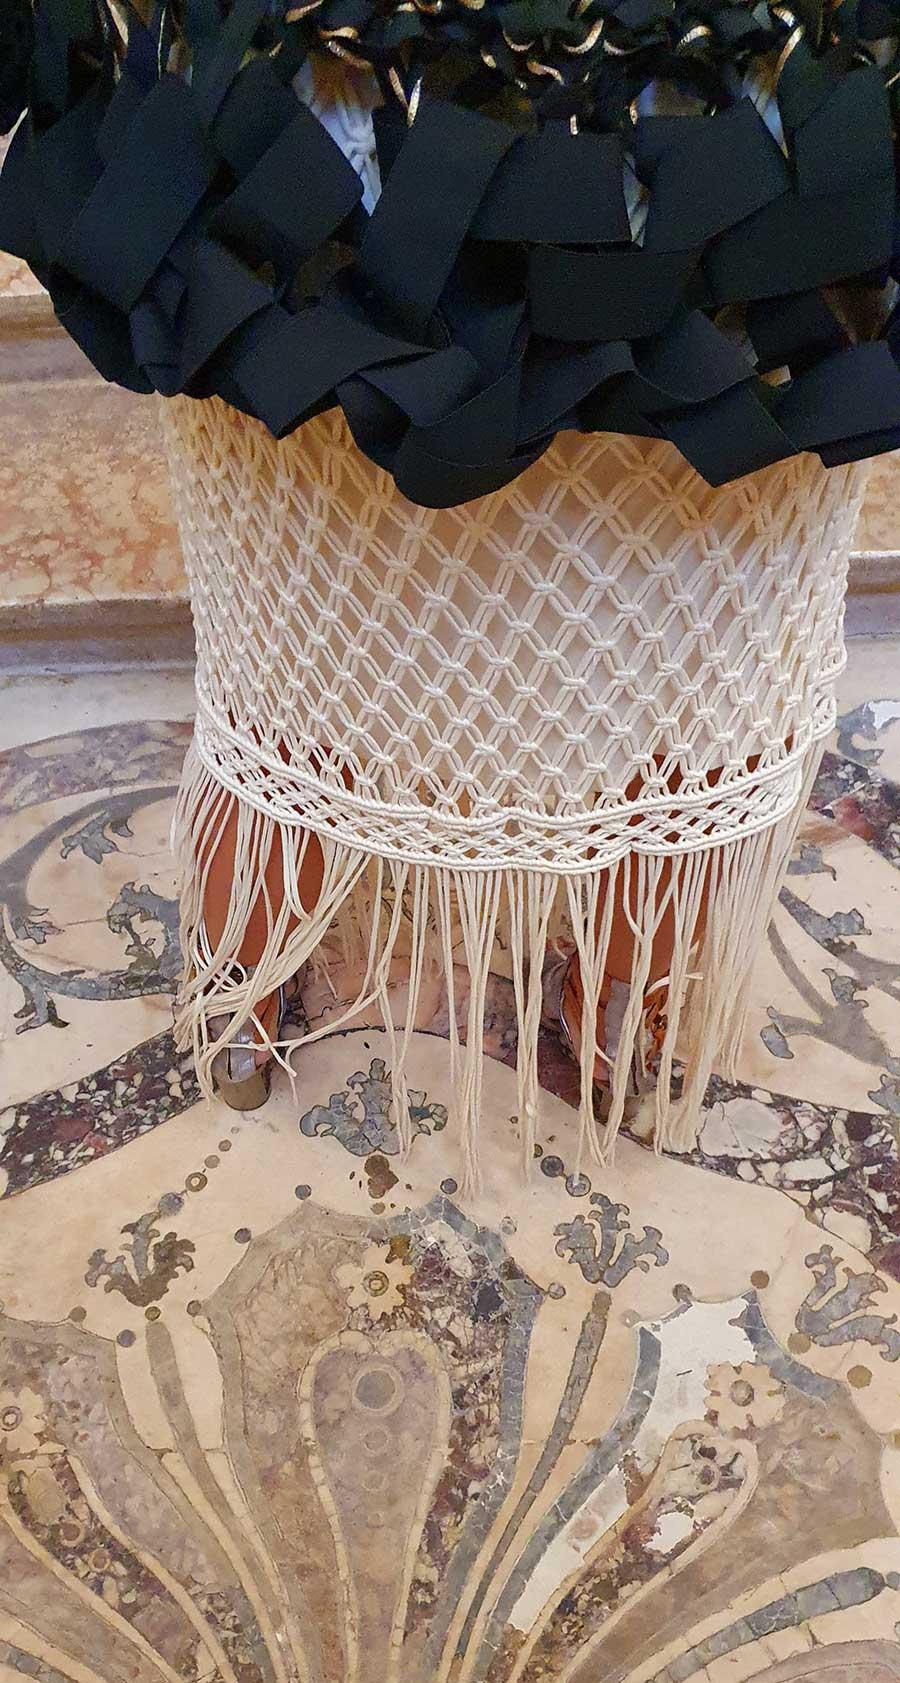 Uterque knitwear dress